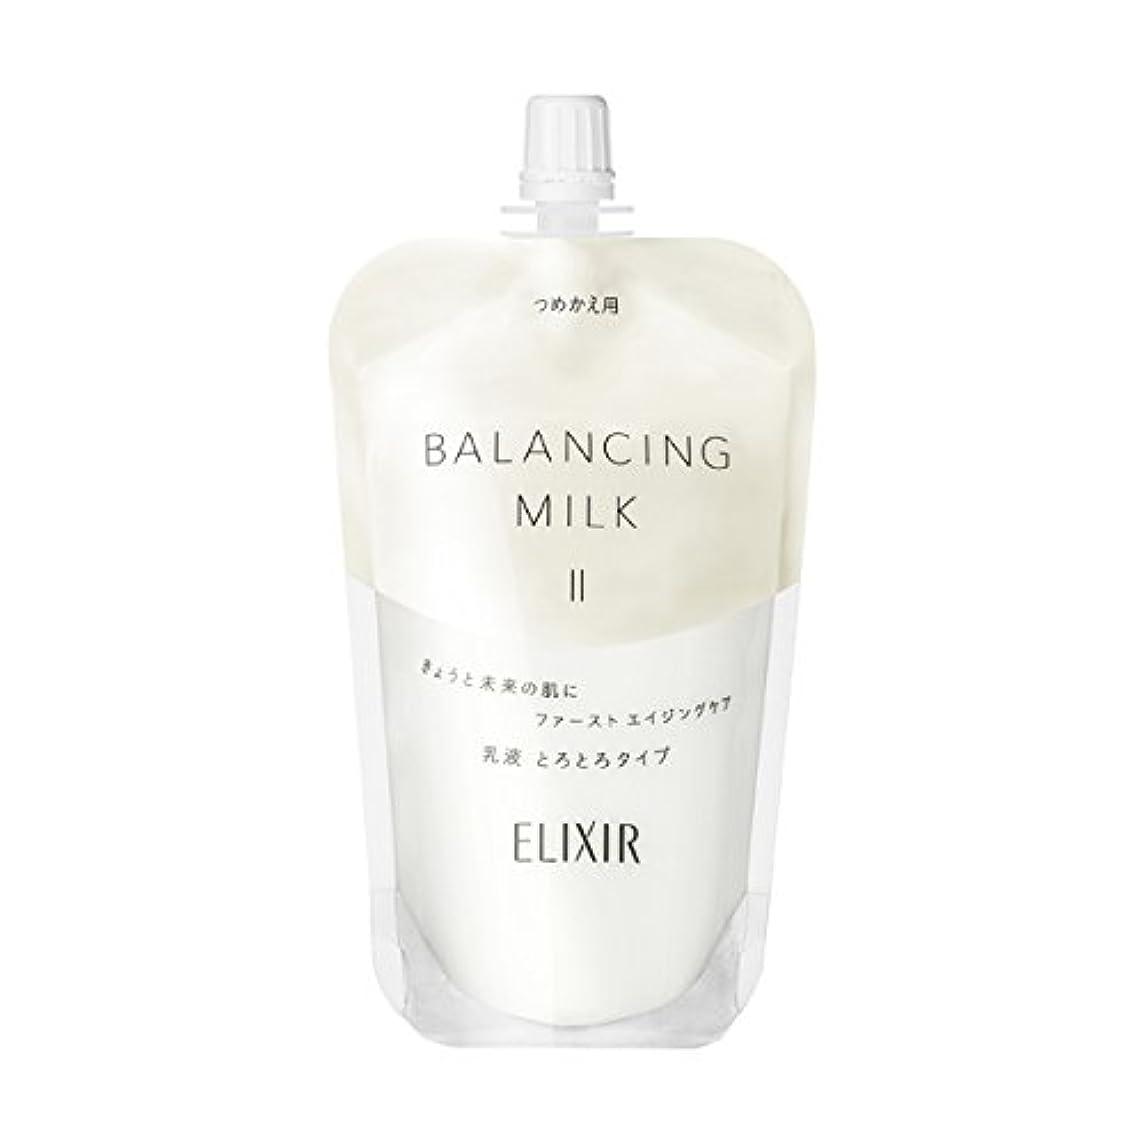 輝くクリップ蝶ジャグリングエリクシール ルフレ バランシング ミルク 乳液 2 (とろとろタイプ) (つめかえ用) 110mL